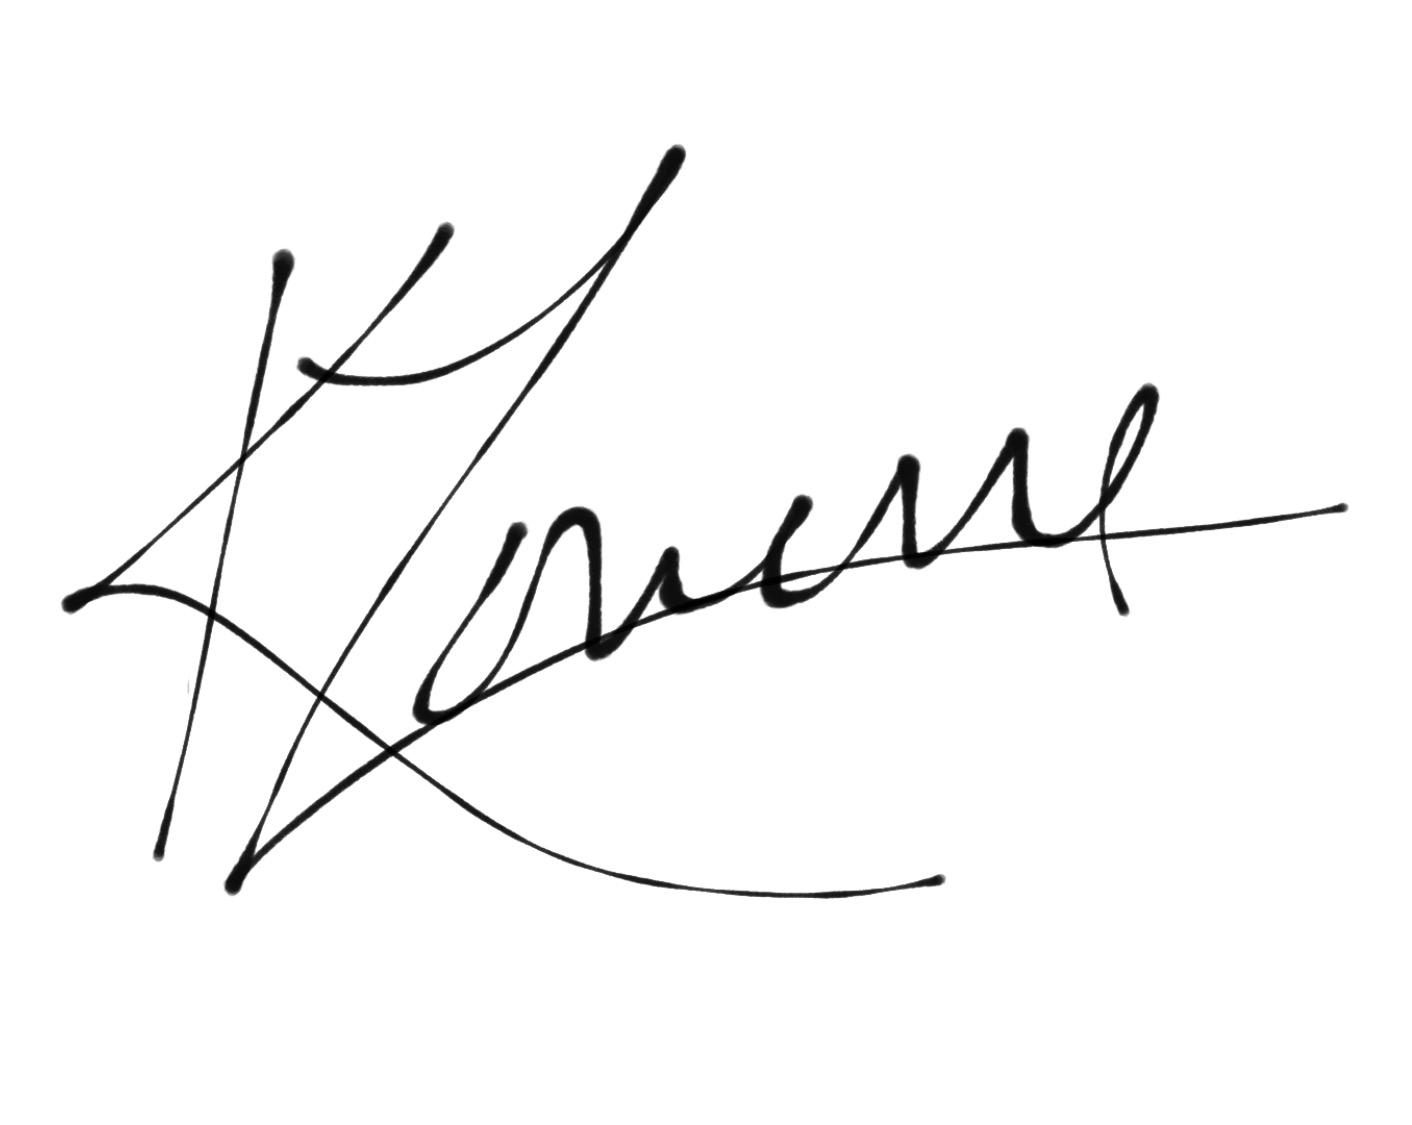 Kathleen Lowerre-poskitt's Signature